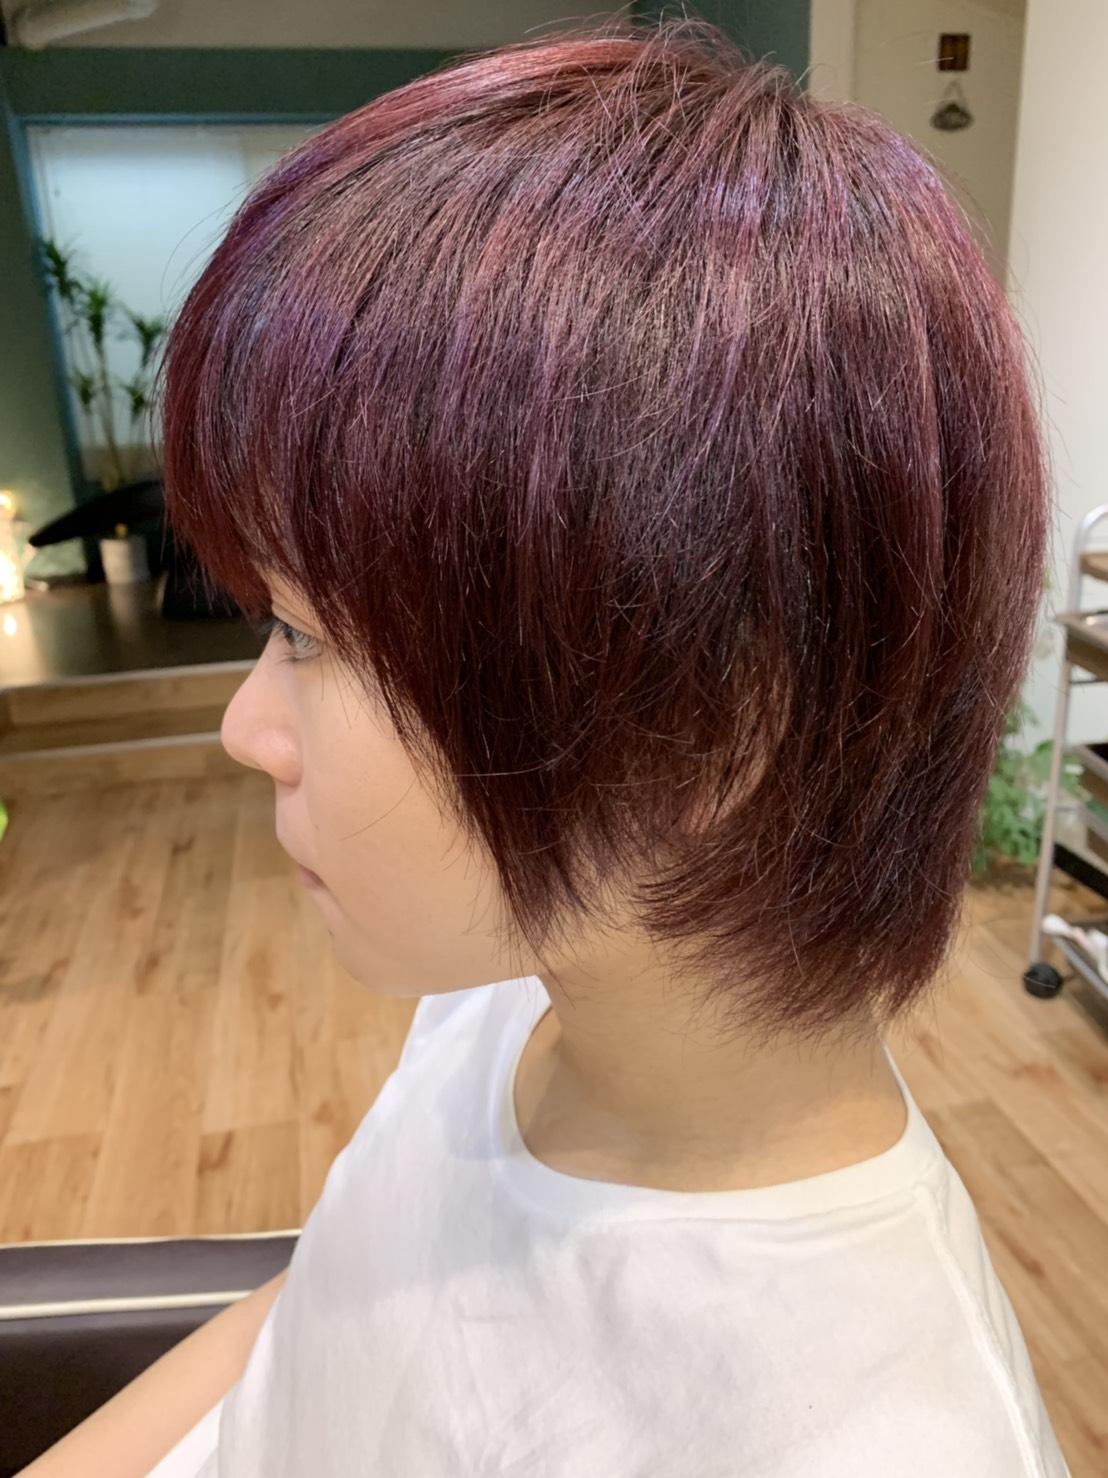 S  31023115 - Hair Gallery